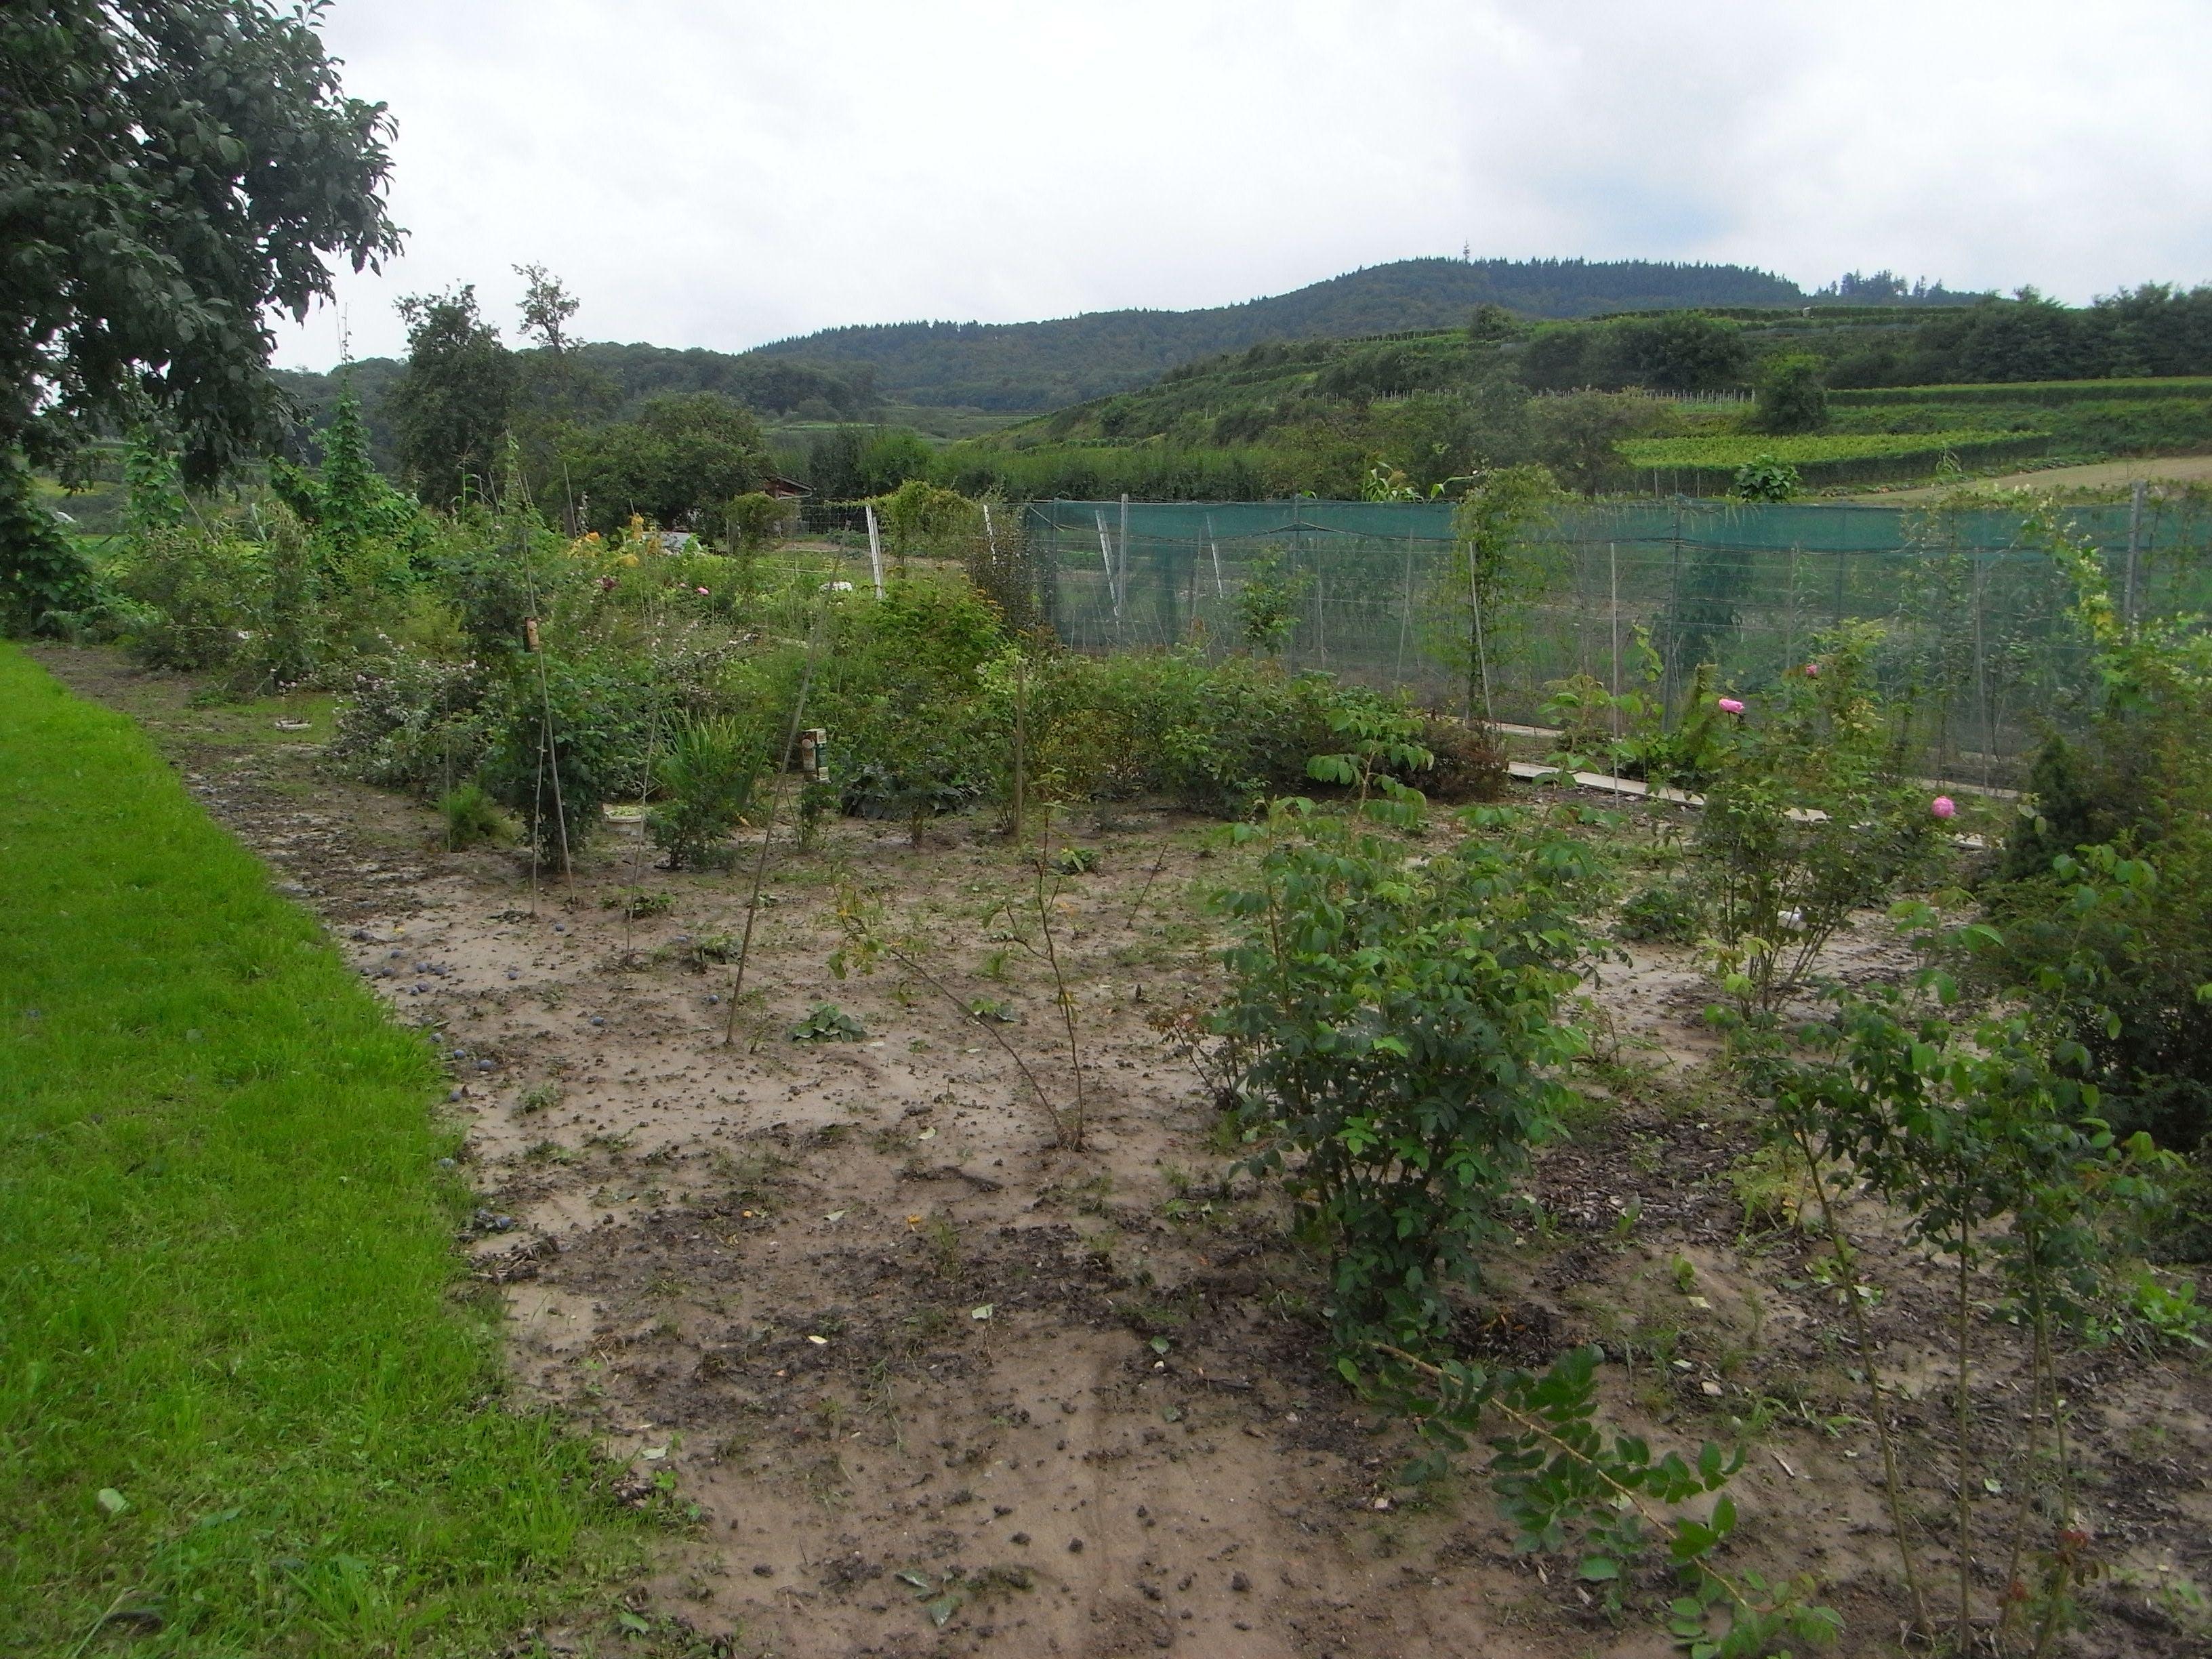 Wasserkreislauf: Niederschlag auf dem Feld